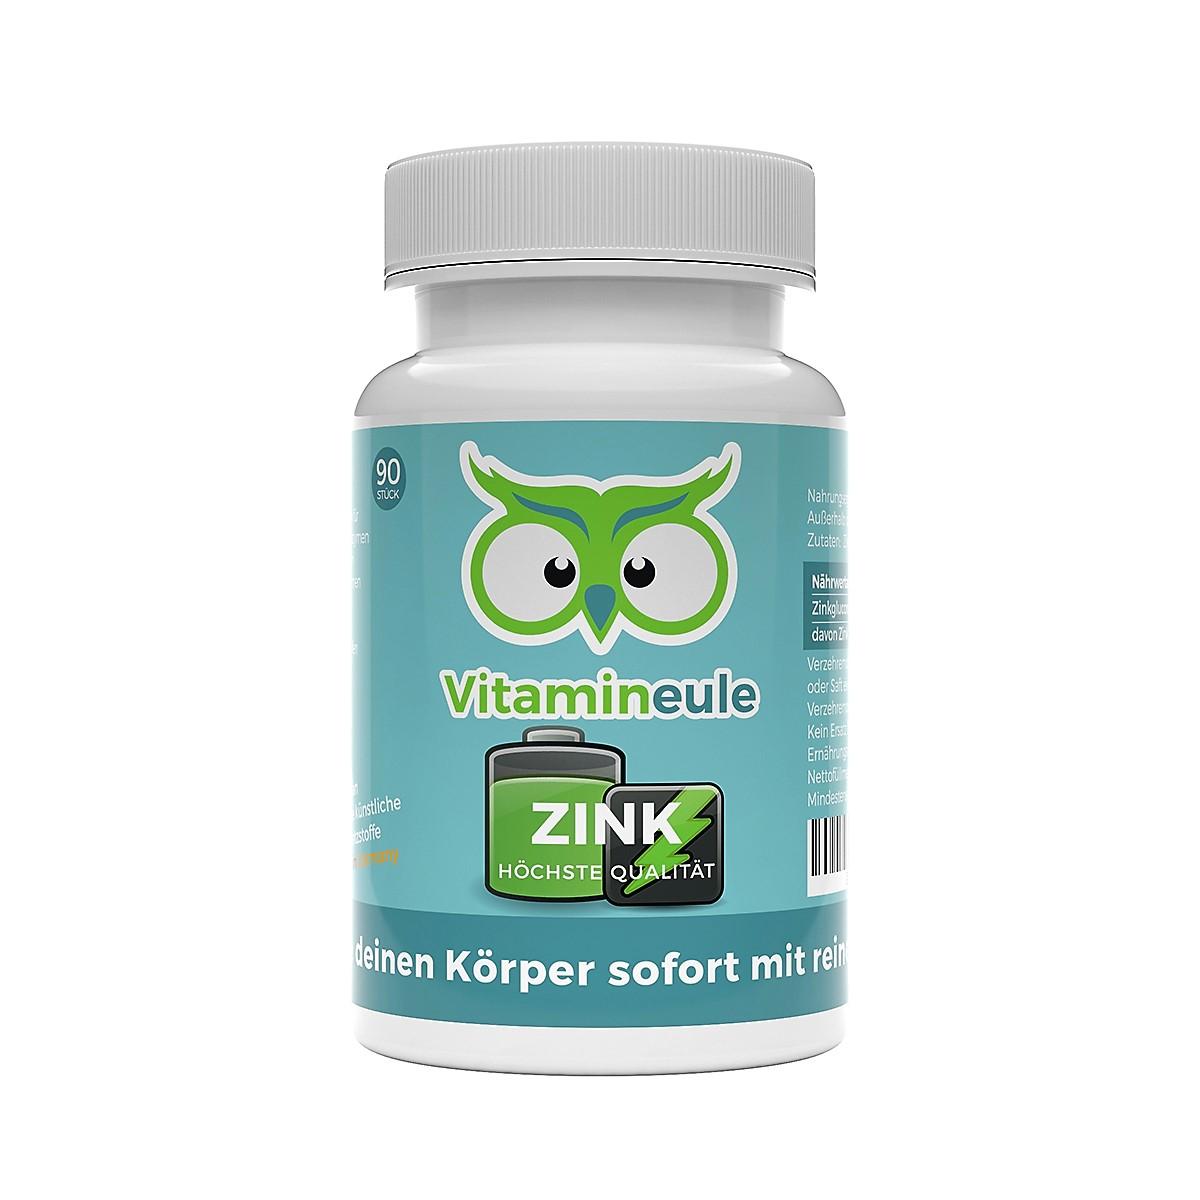 Zink Kapseln von Vitamineule